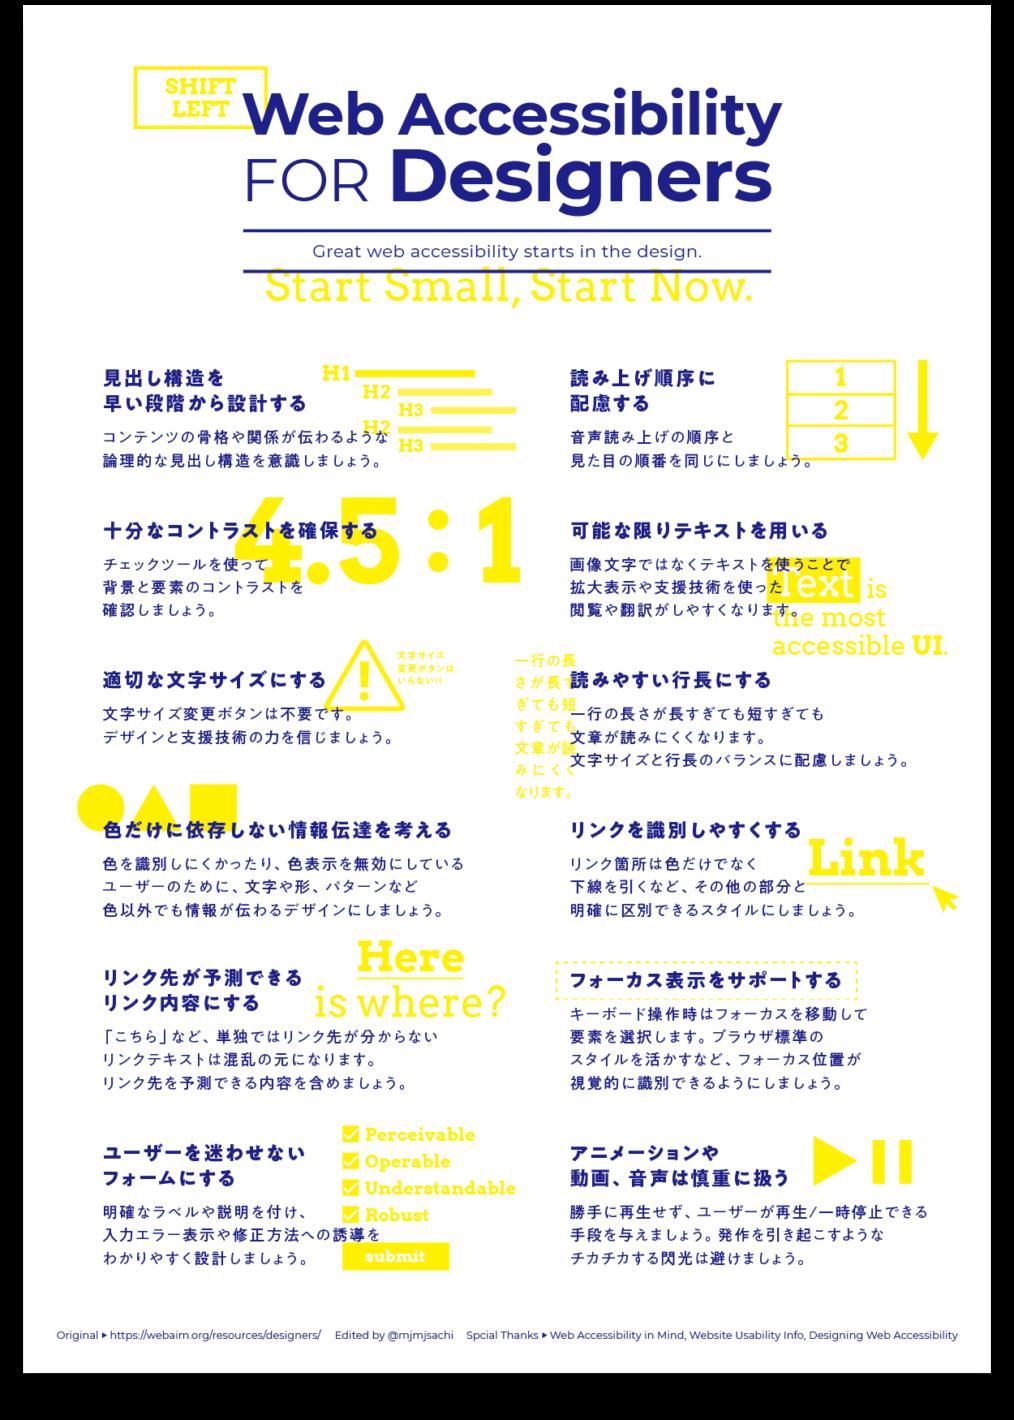 スクリーンショット:Web Accessibility for Designers ポスター。文字は紺色、インフォグラフィックは黄色で印刷されている。